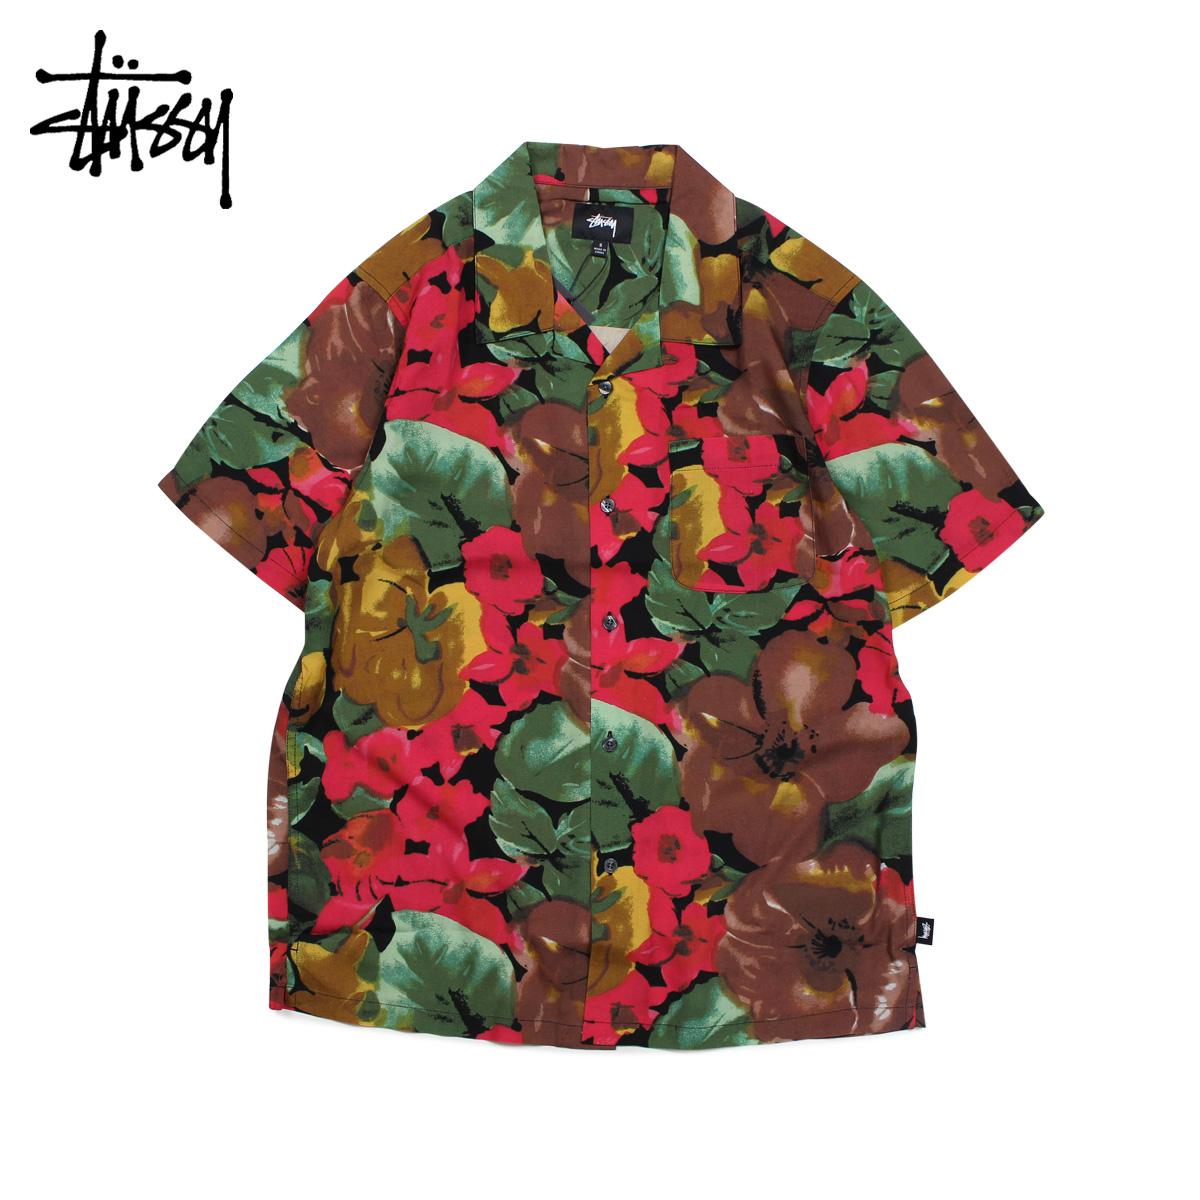 【最大2000円OFFクーポン】 ステューシー STUSSY シャツ メンズ 半袖 WATERCOLOR FLOWER SHIRT ブラック 黒 1110023